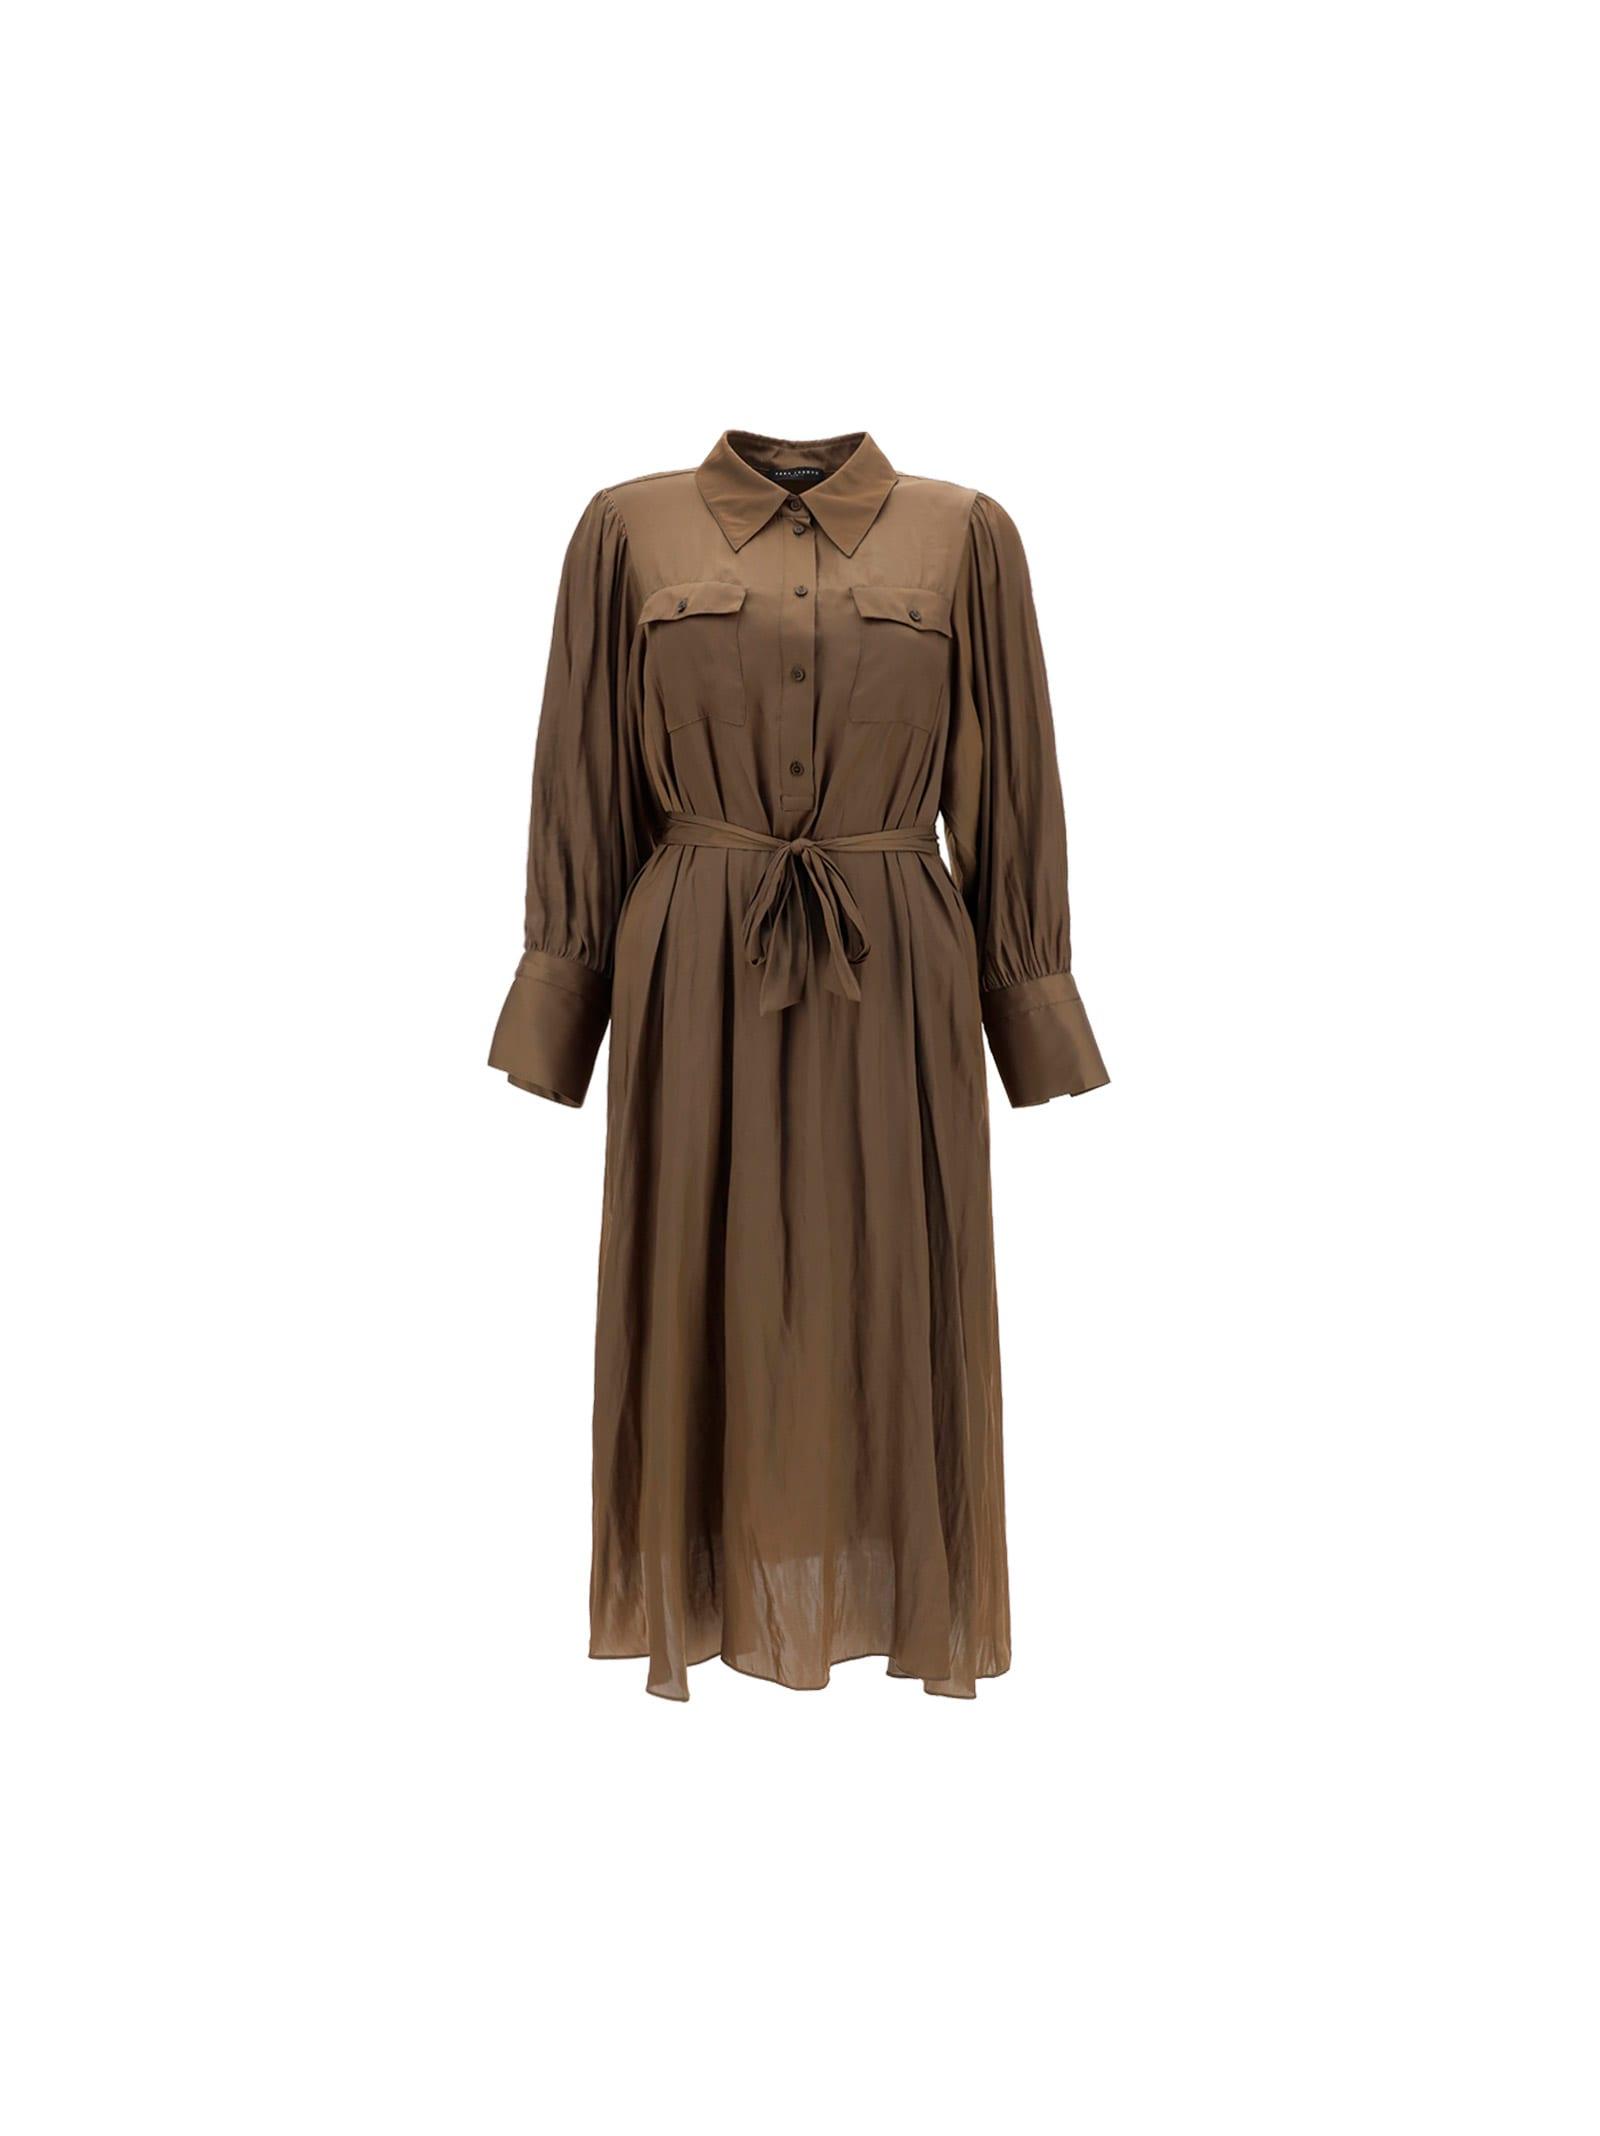 Tara Jarmon REYNOLDS DRESS